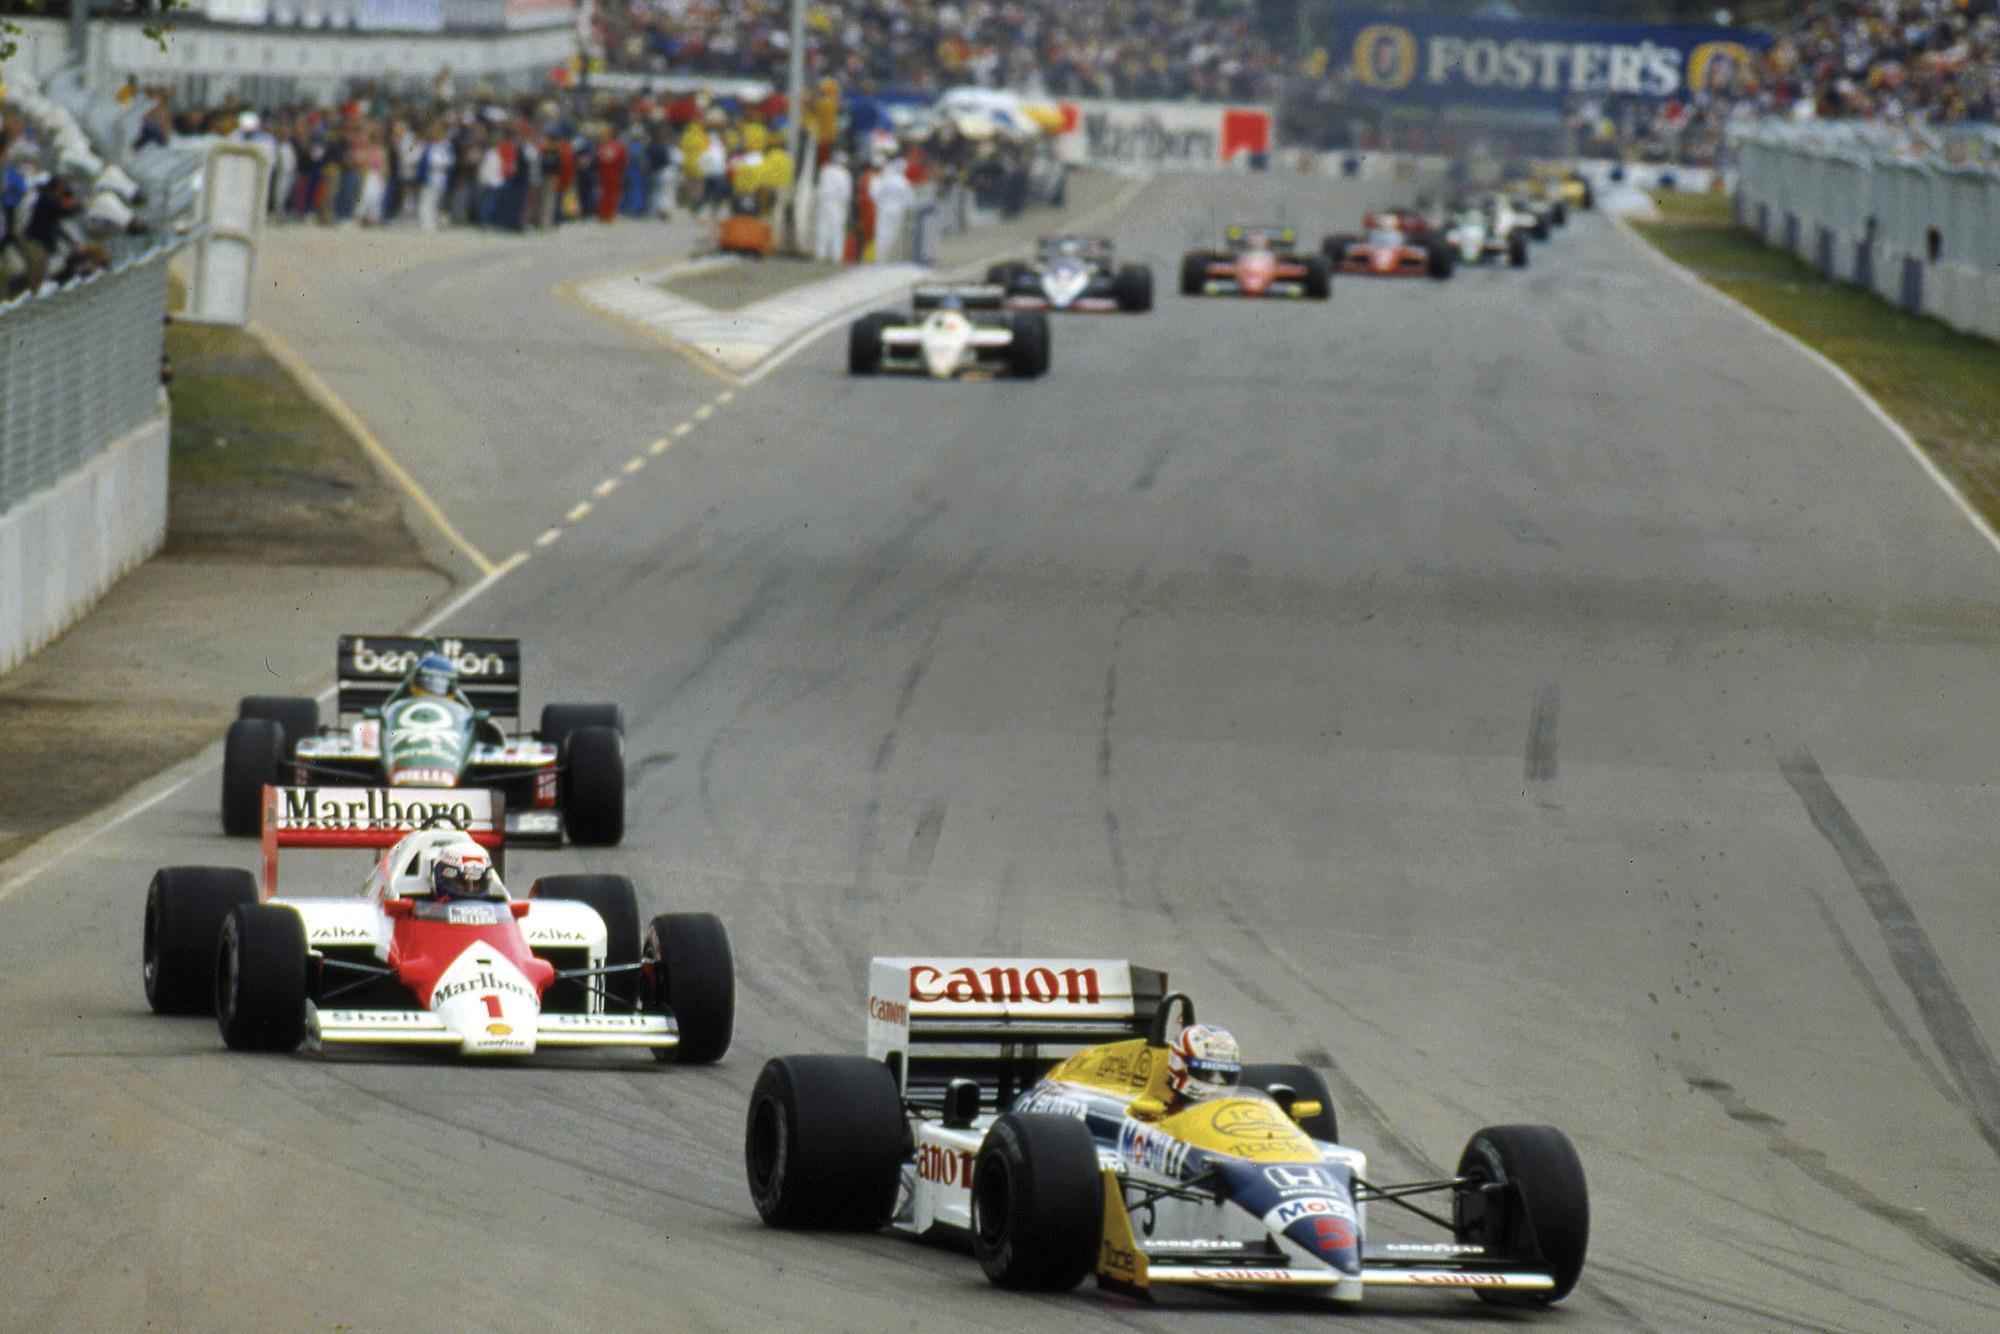 Nigel Mansell leads in the 1986 Australian Grand Prix